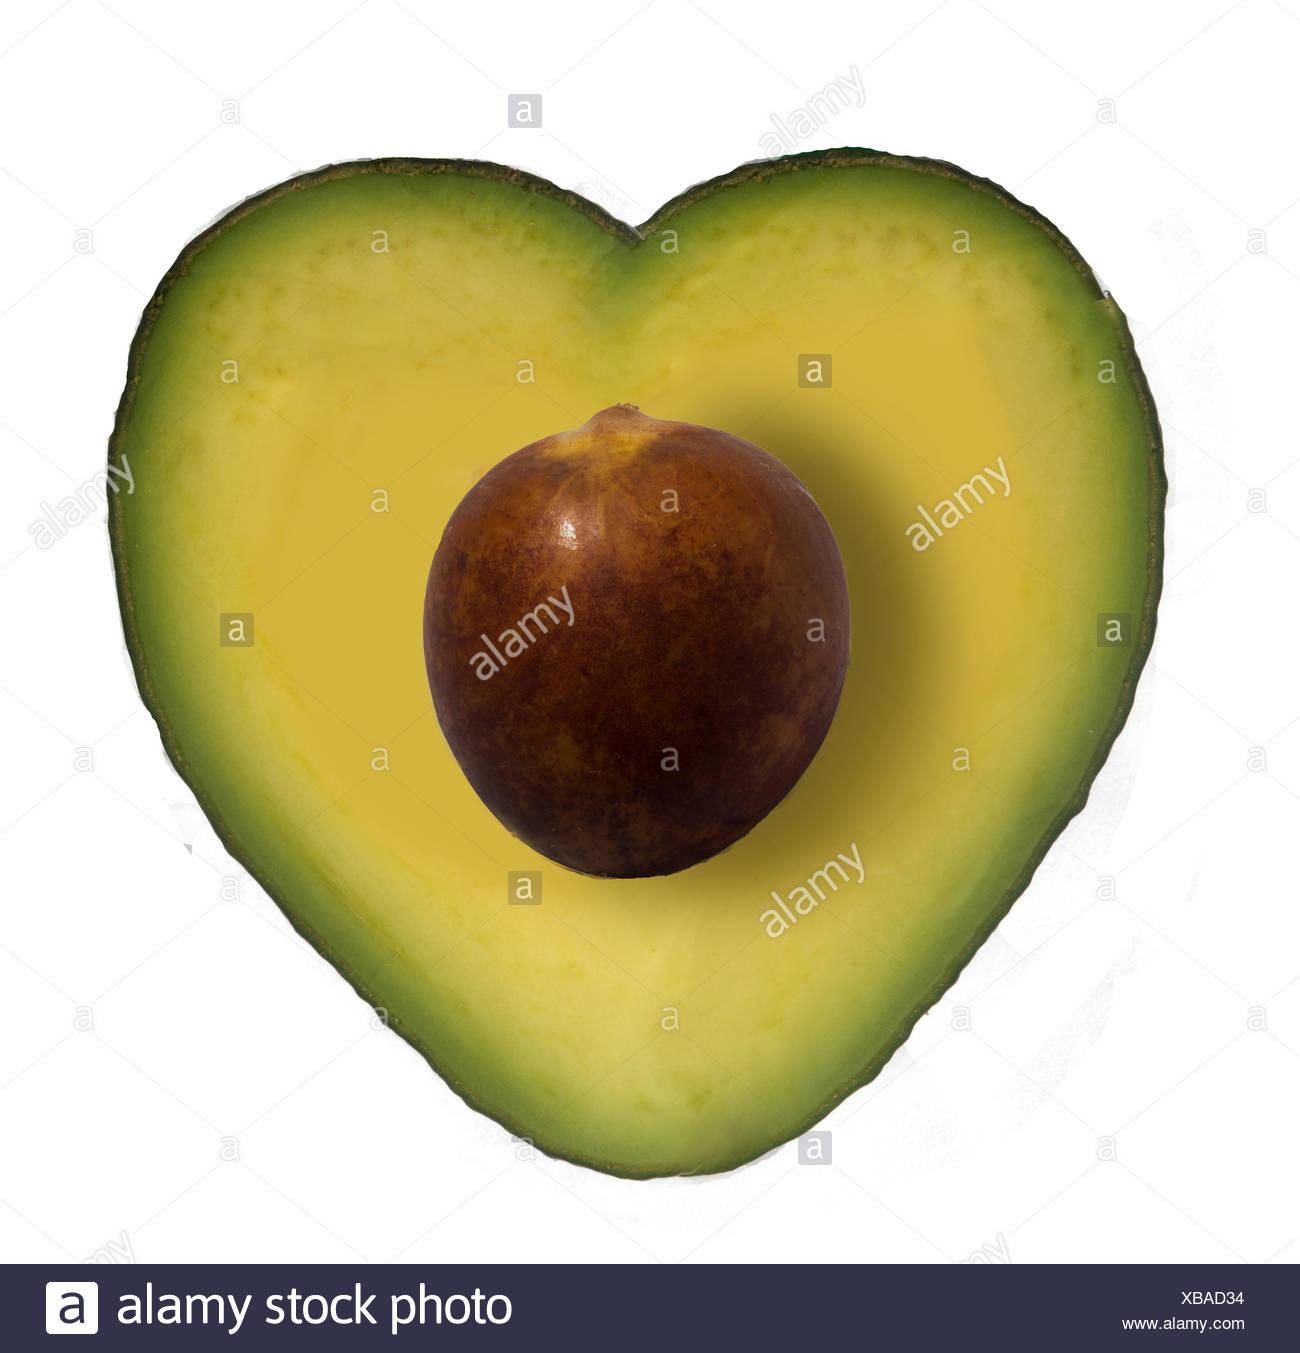 Close-Up di Avocado tagliato a forma di cuore contro uno sfondo bianco Immagini Stock